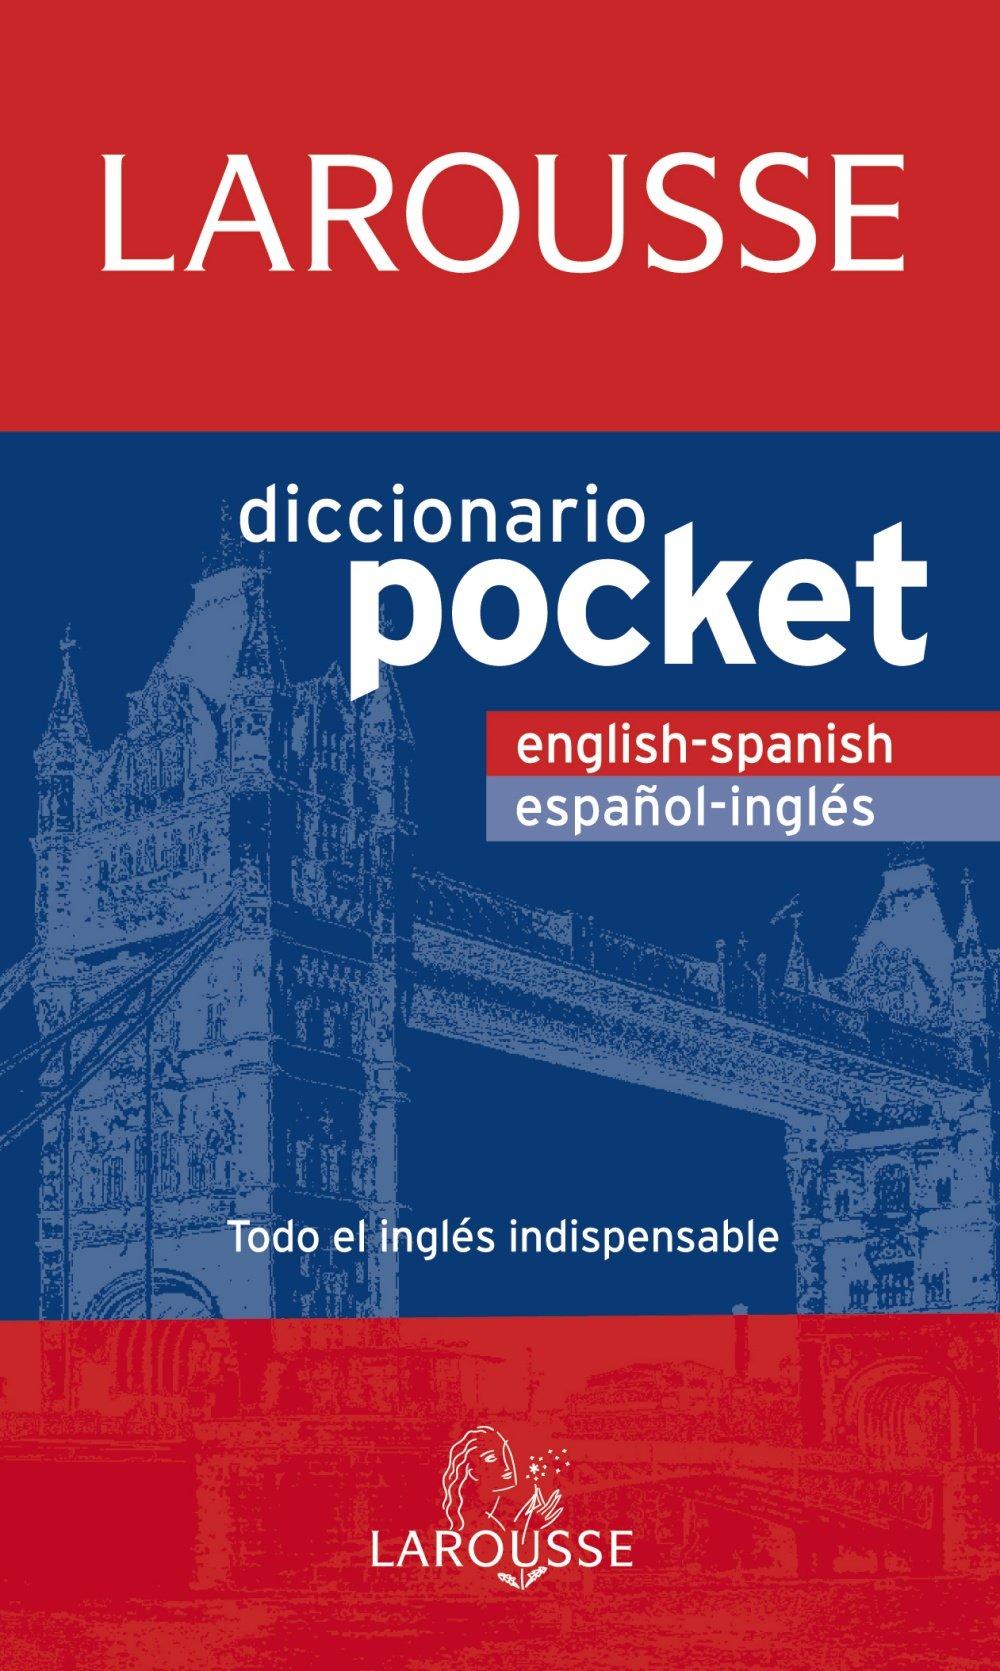 Diccionario Pocket English-Spanish / Español-Inglés Larousse - Lengua Inglesa - Diccionarios Generales: Amazon.es: Aa.Vv.: Libros